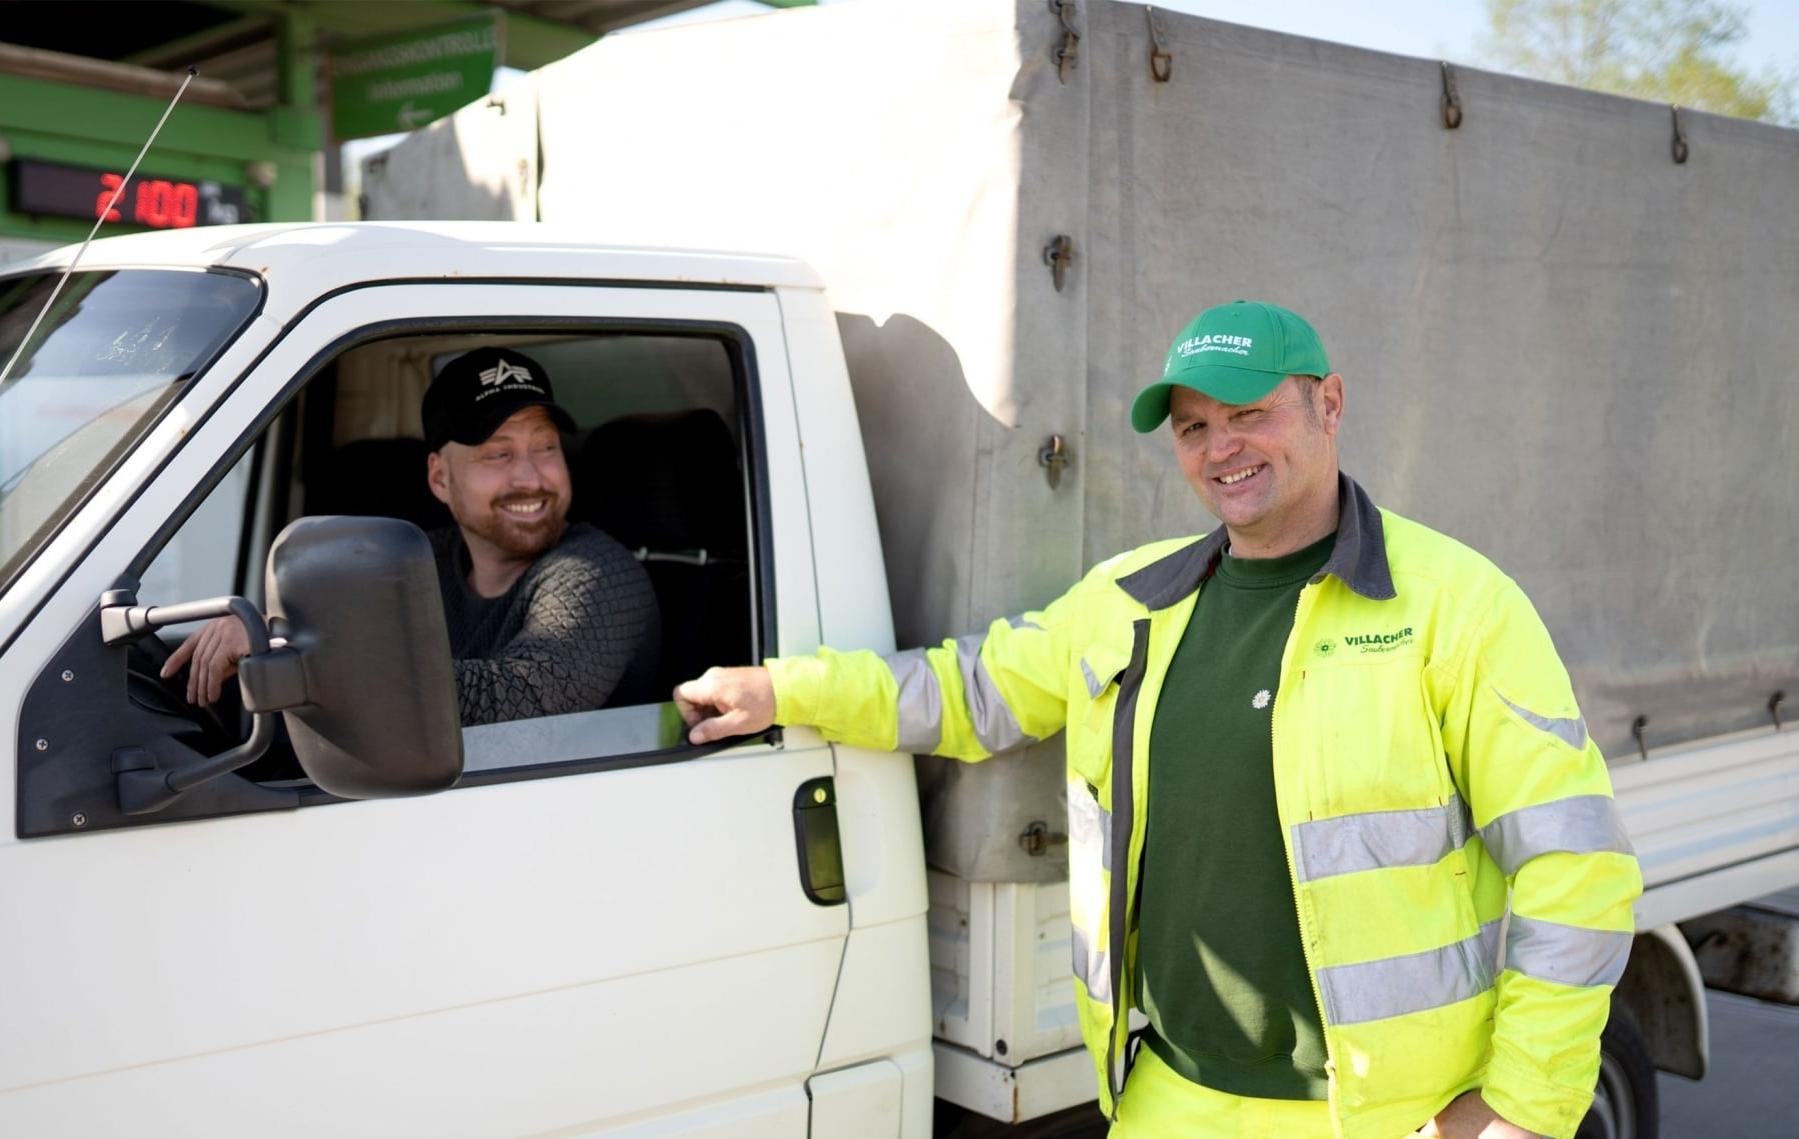 Mitarbeiter beim Villacher Saubermacher unterstützen bei der Selbstanlieferung in der Drauwinkelstraße 2